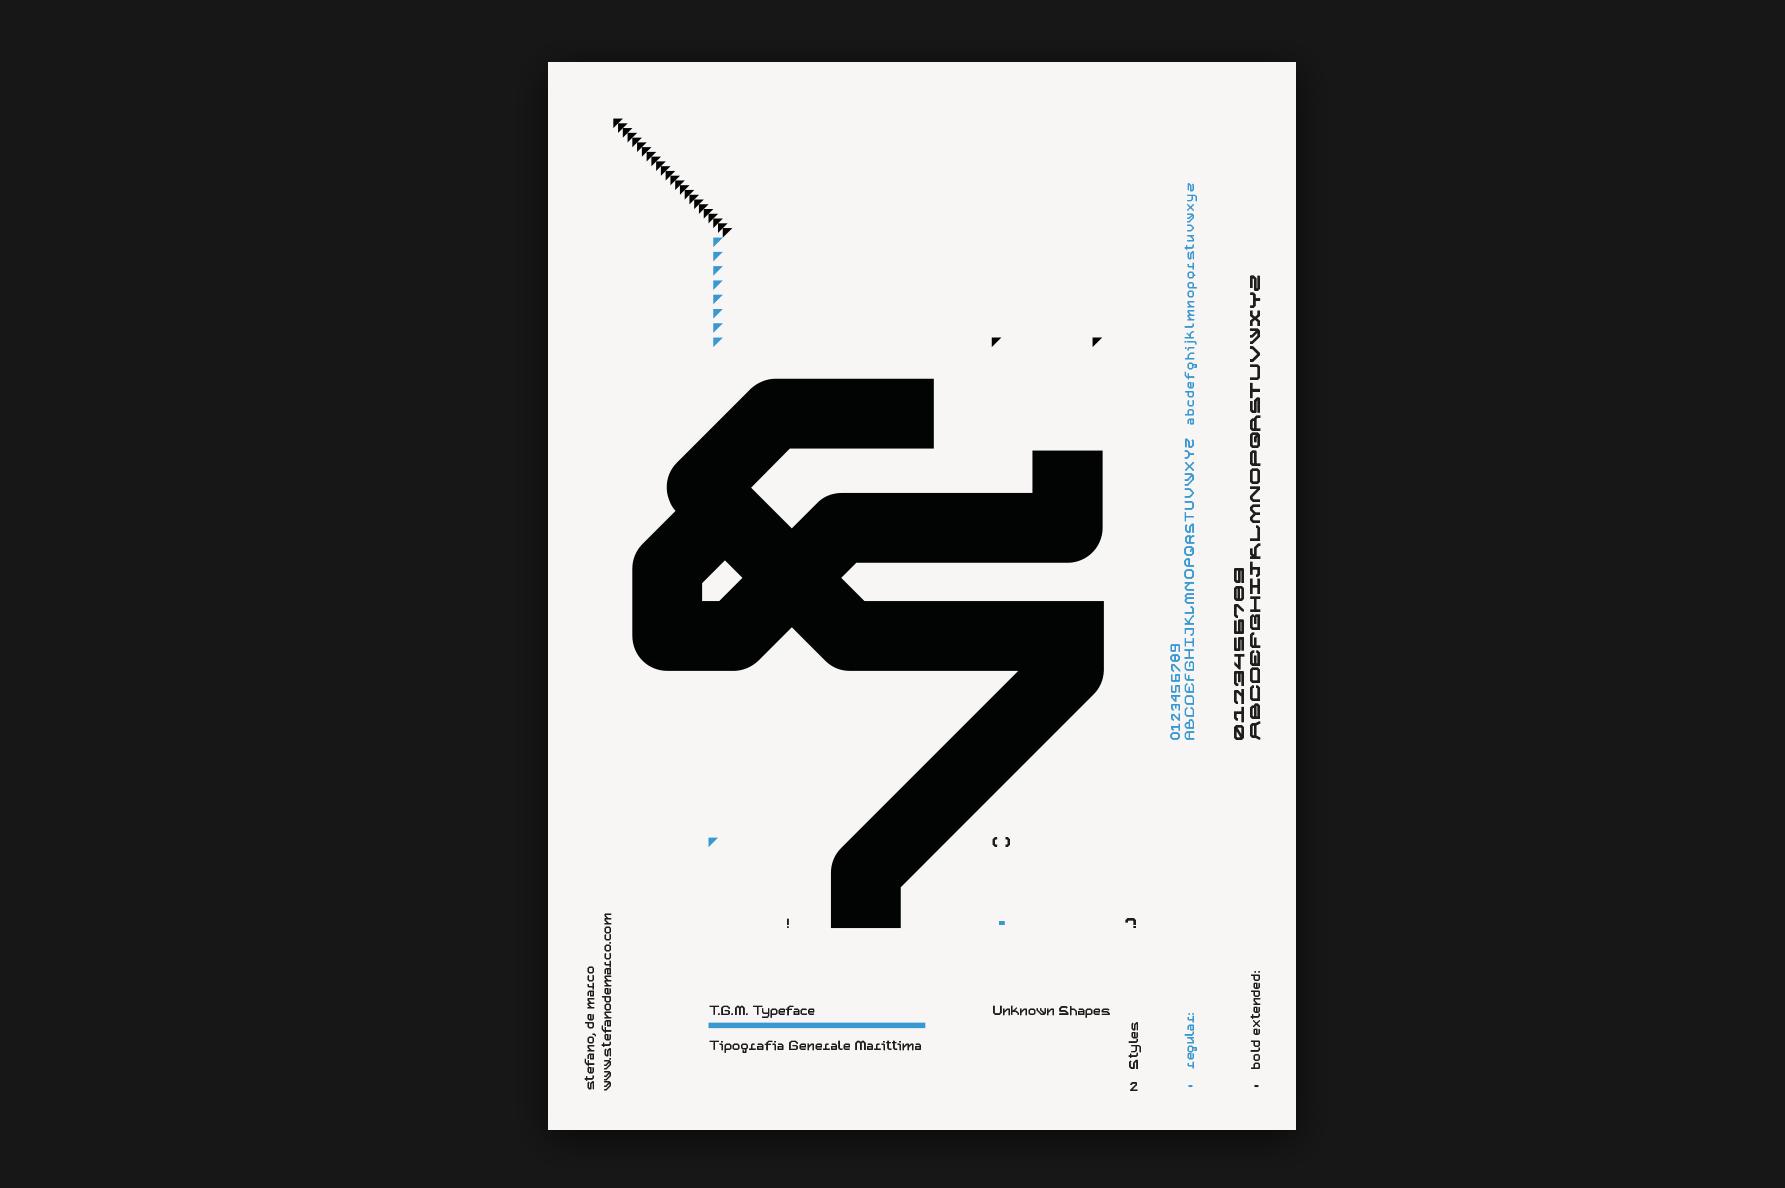 sito_tgm-poster22